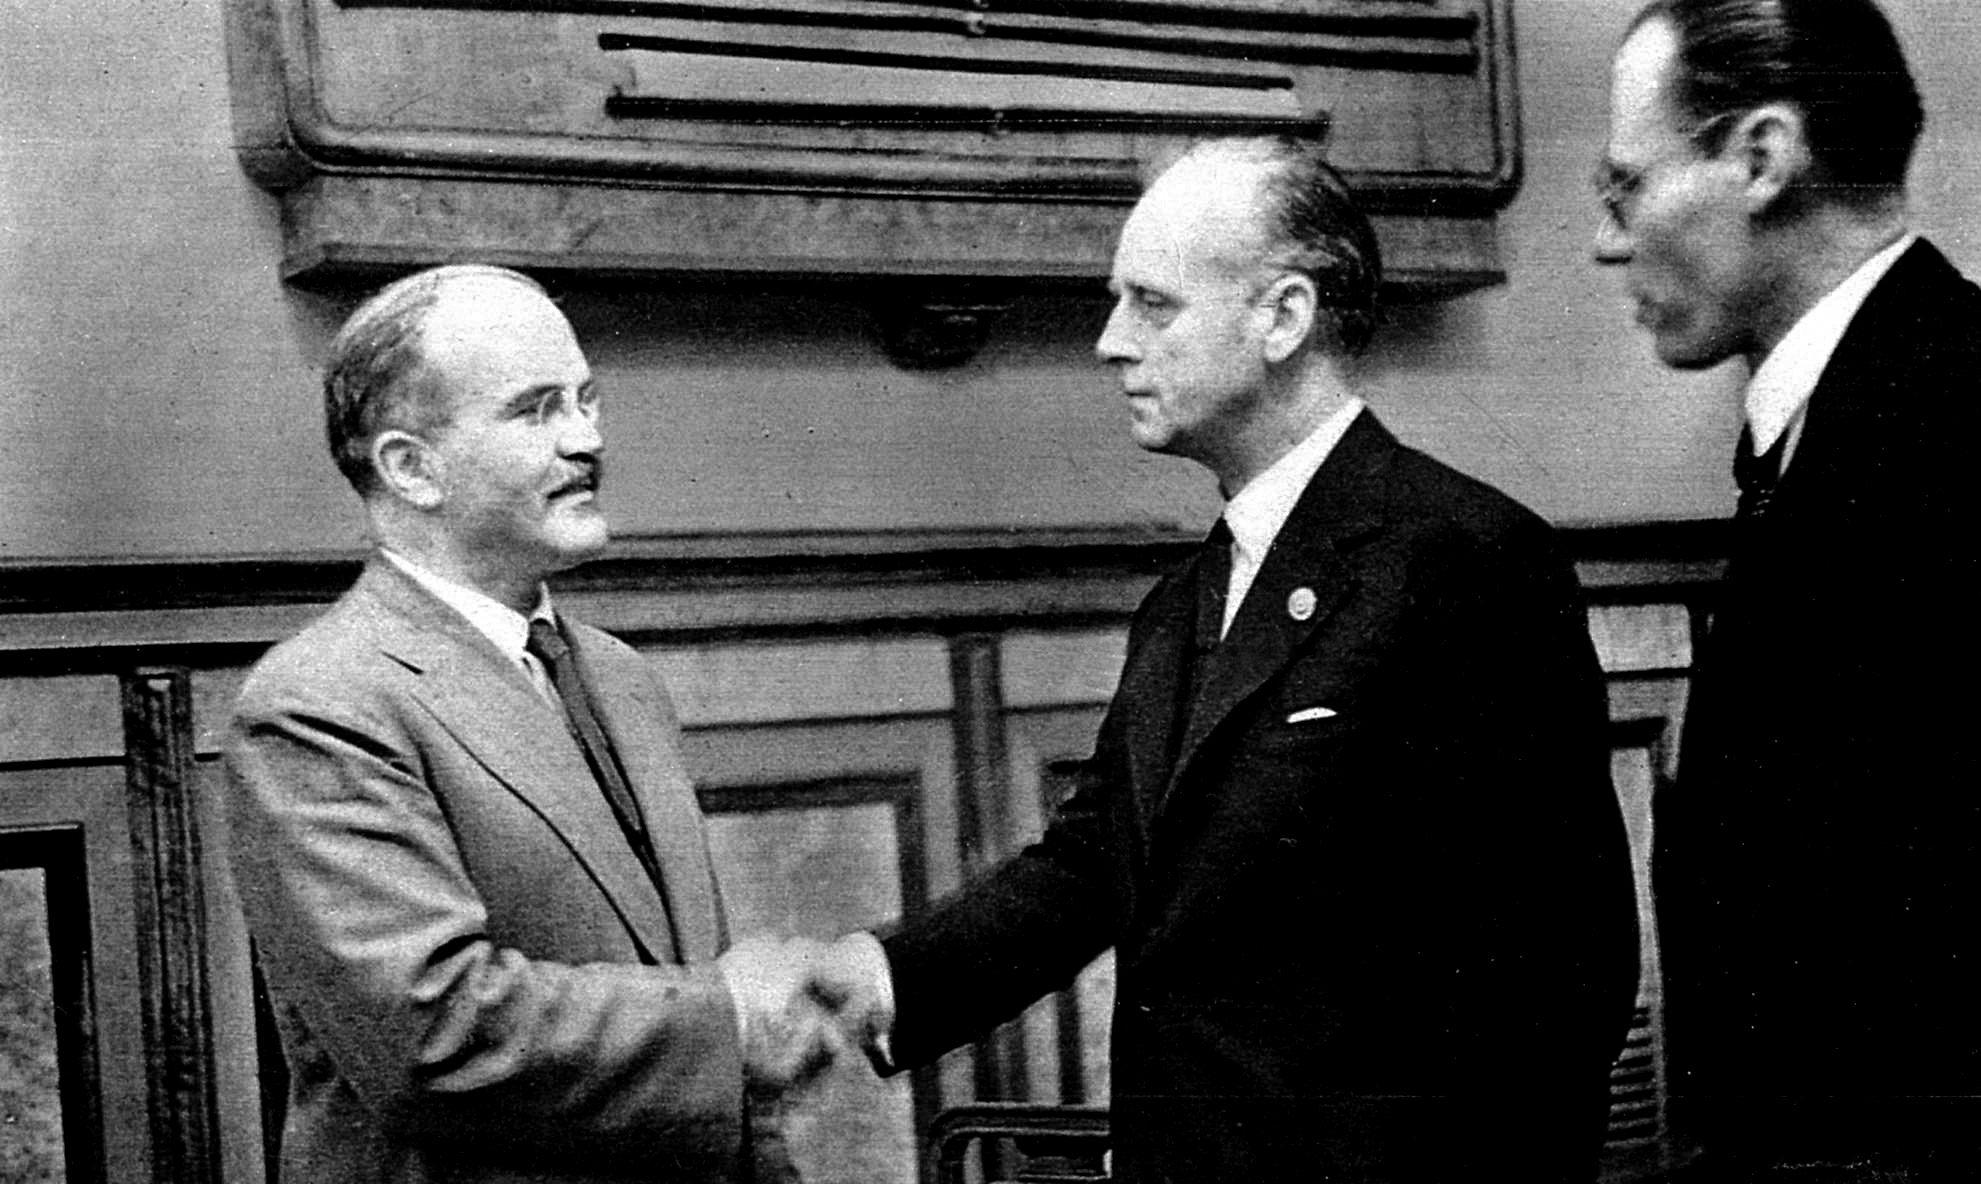 Le pacte germano-soviétique